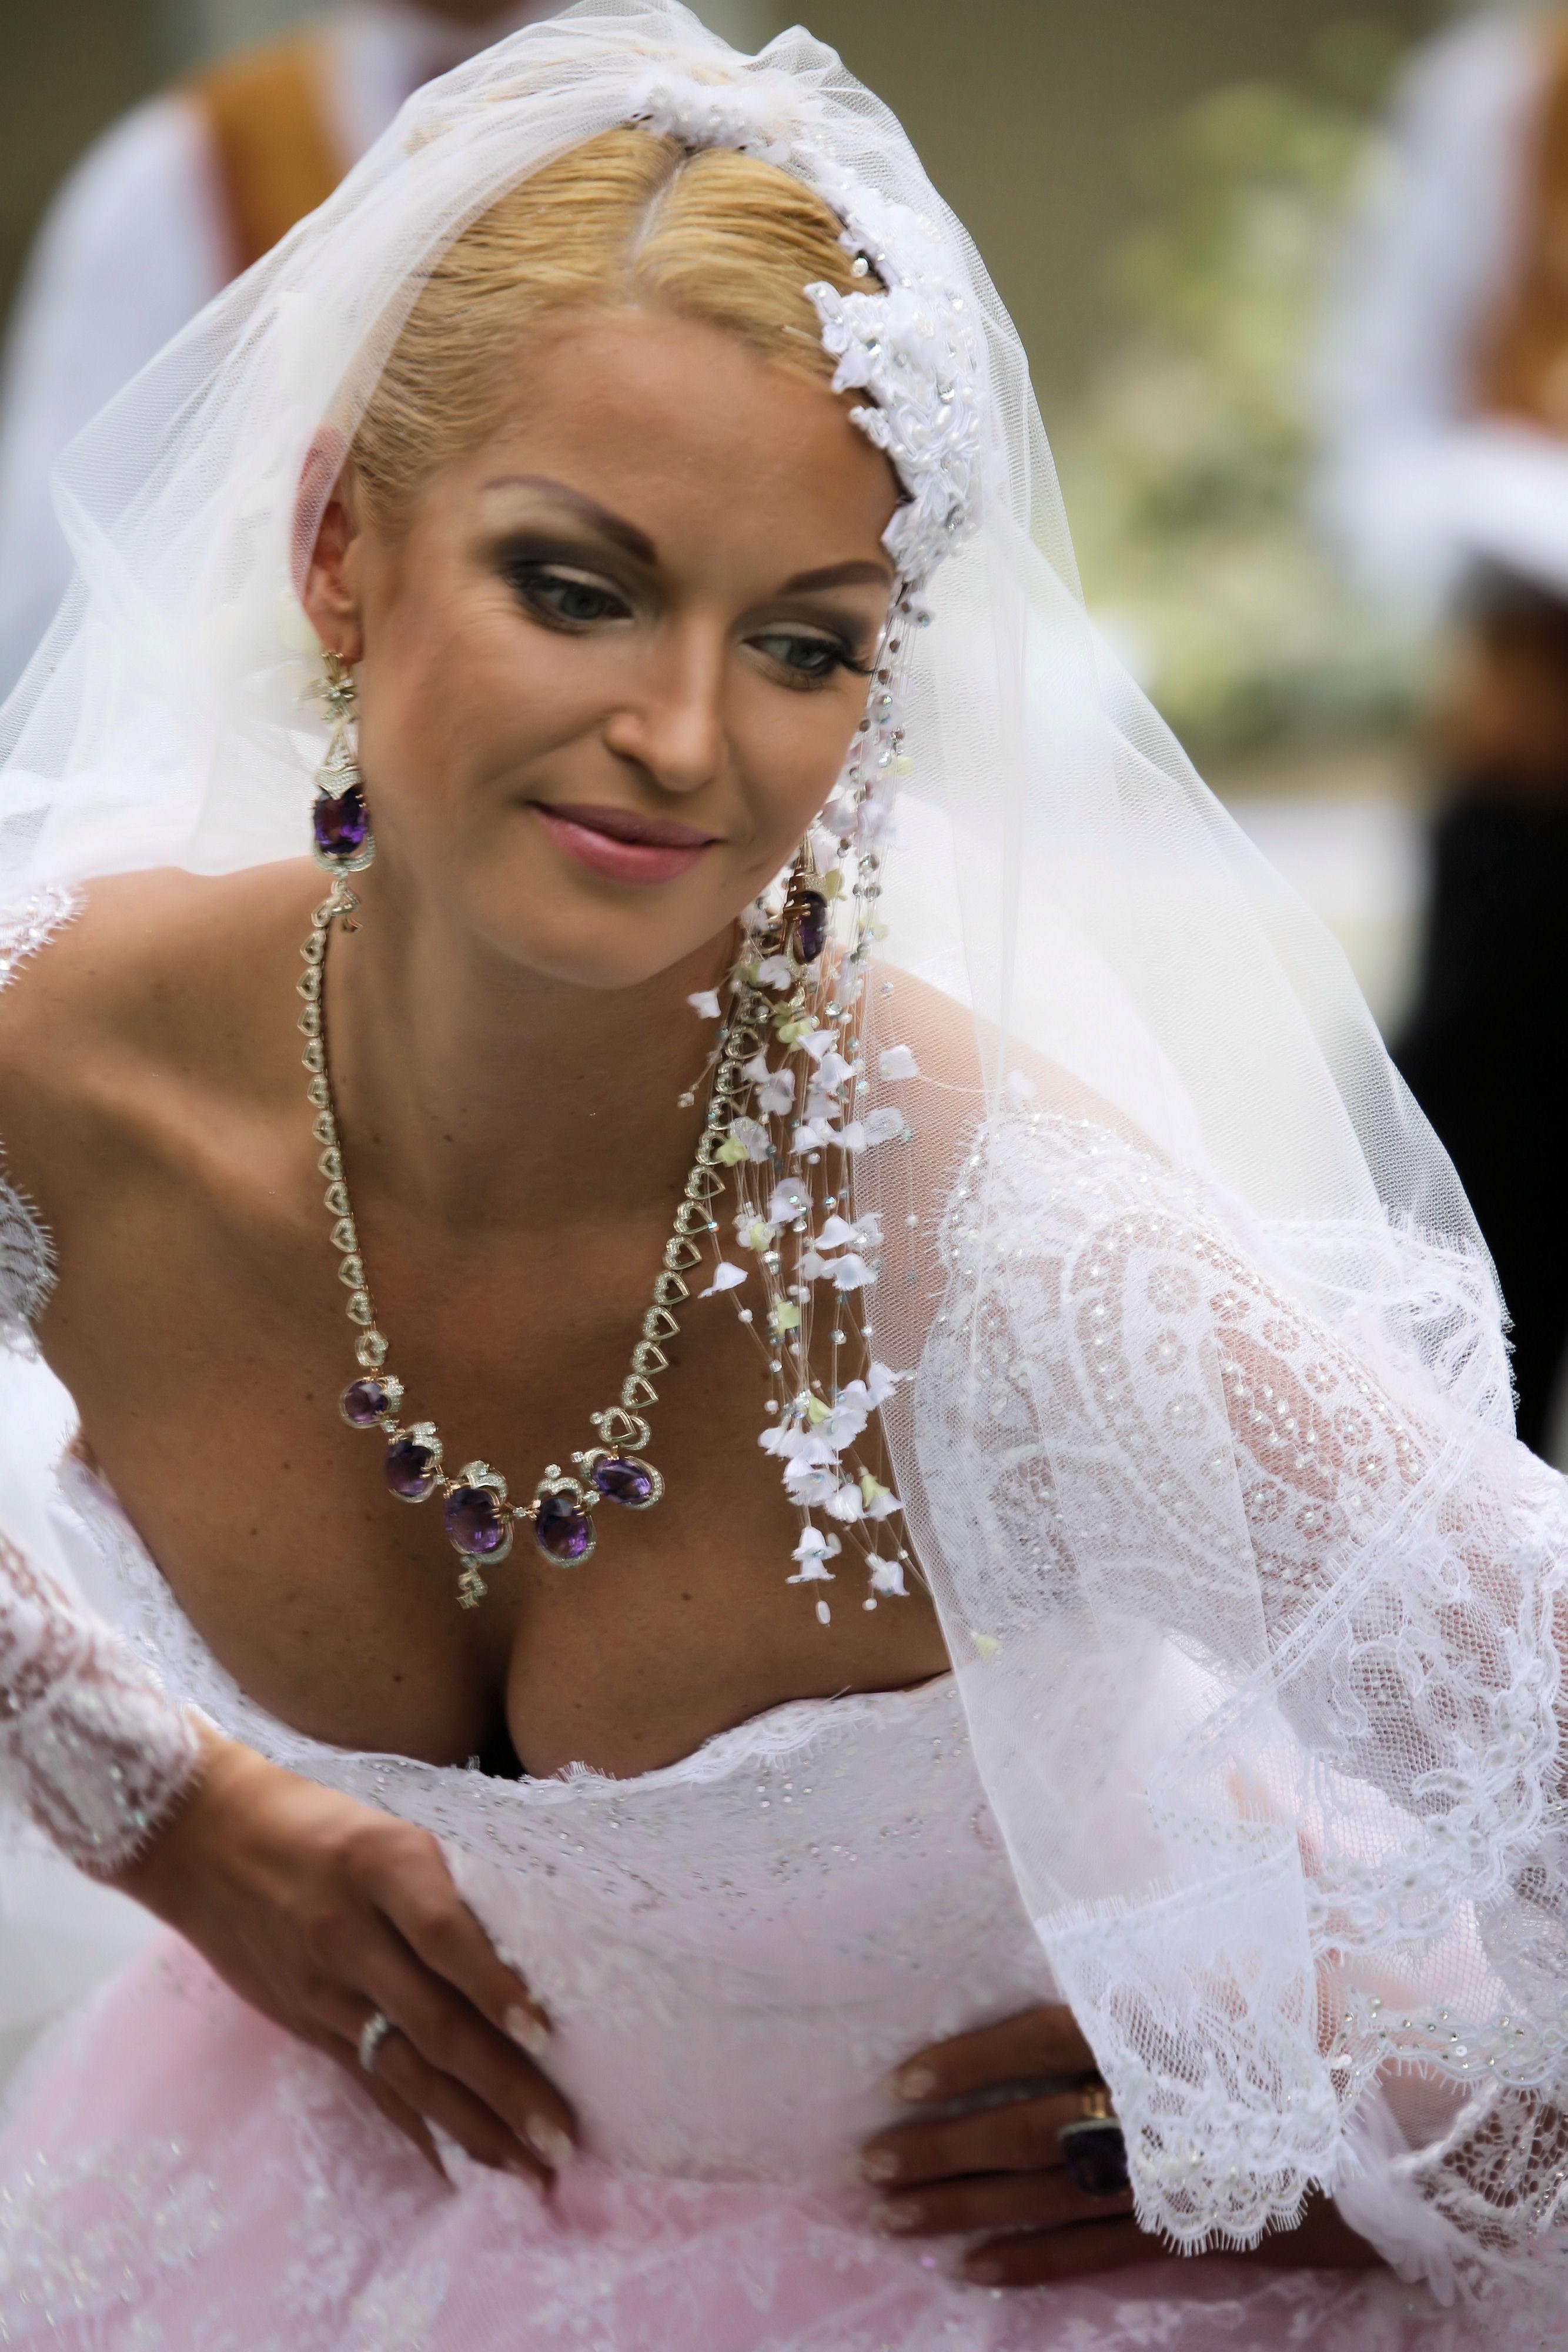 Анастасия Волочкова фото биография  Волочкова на фото